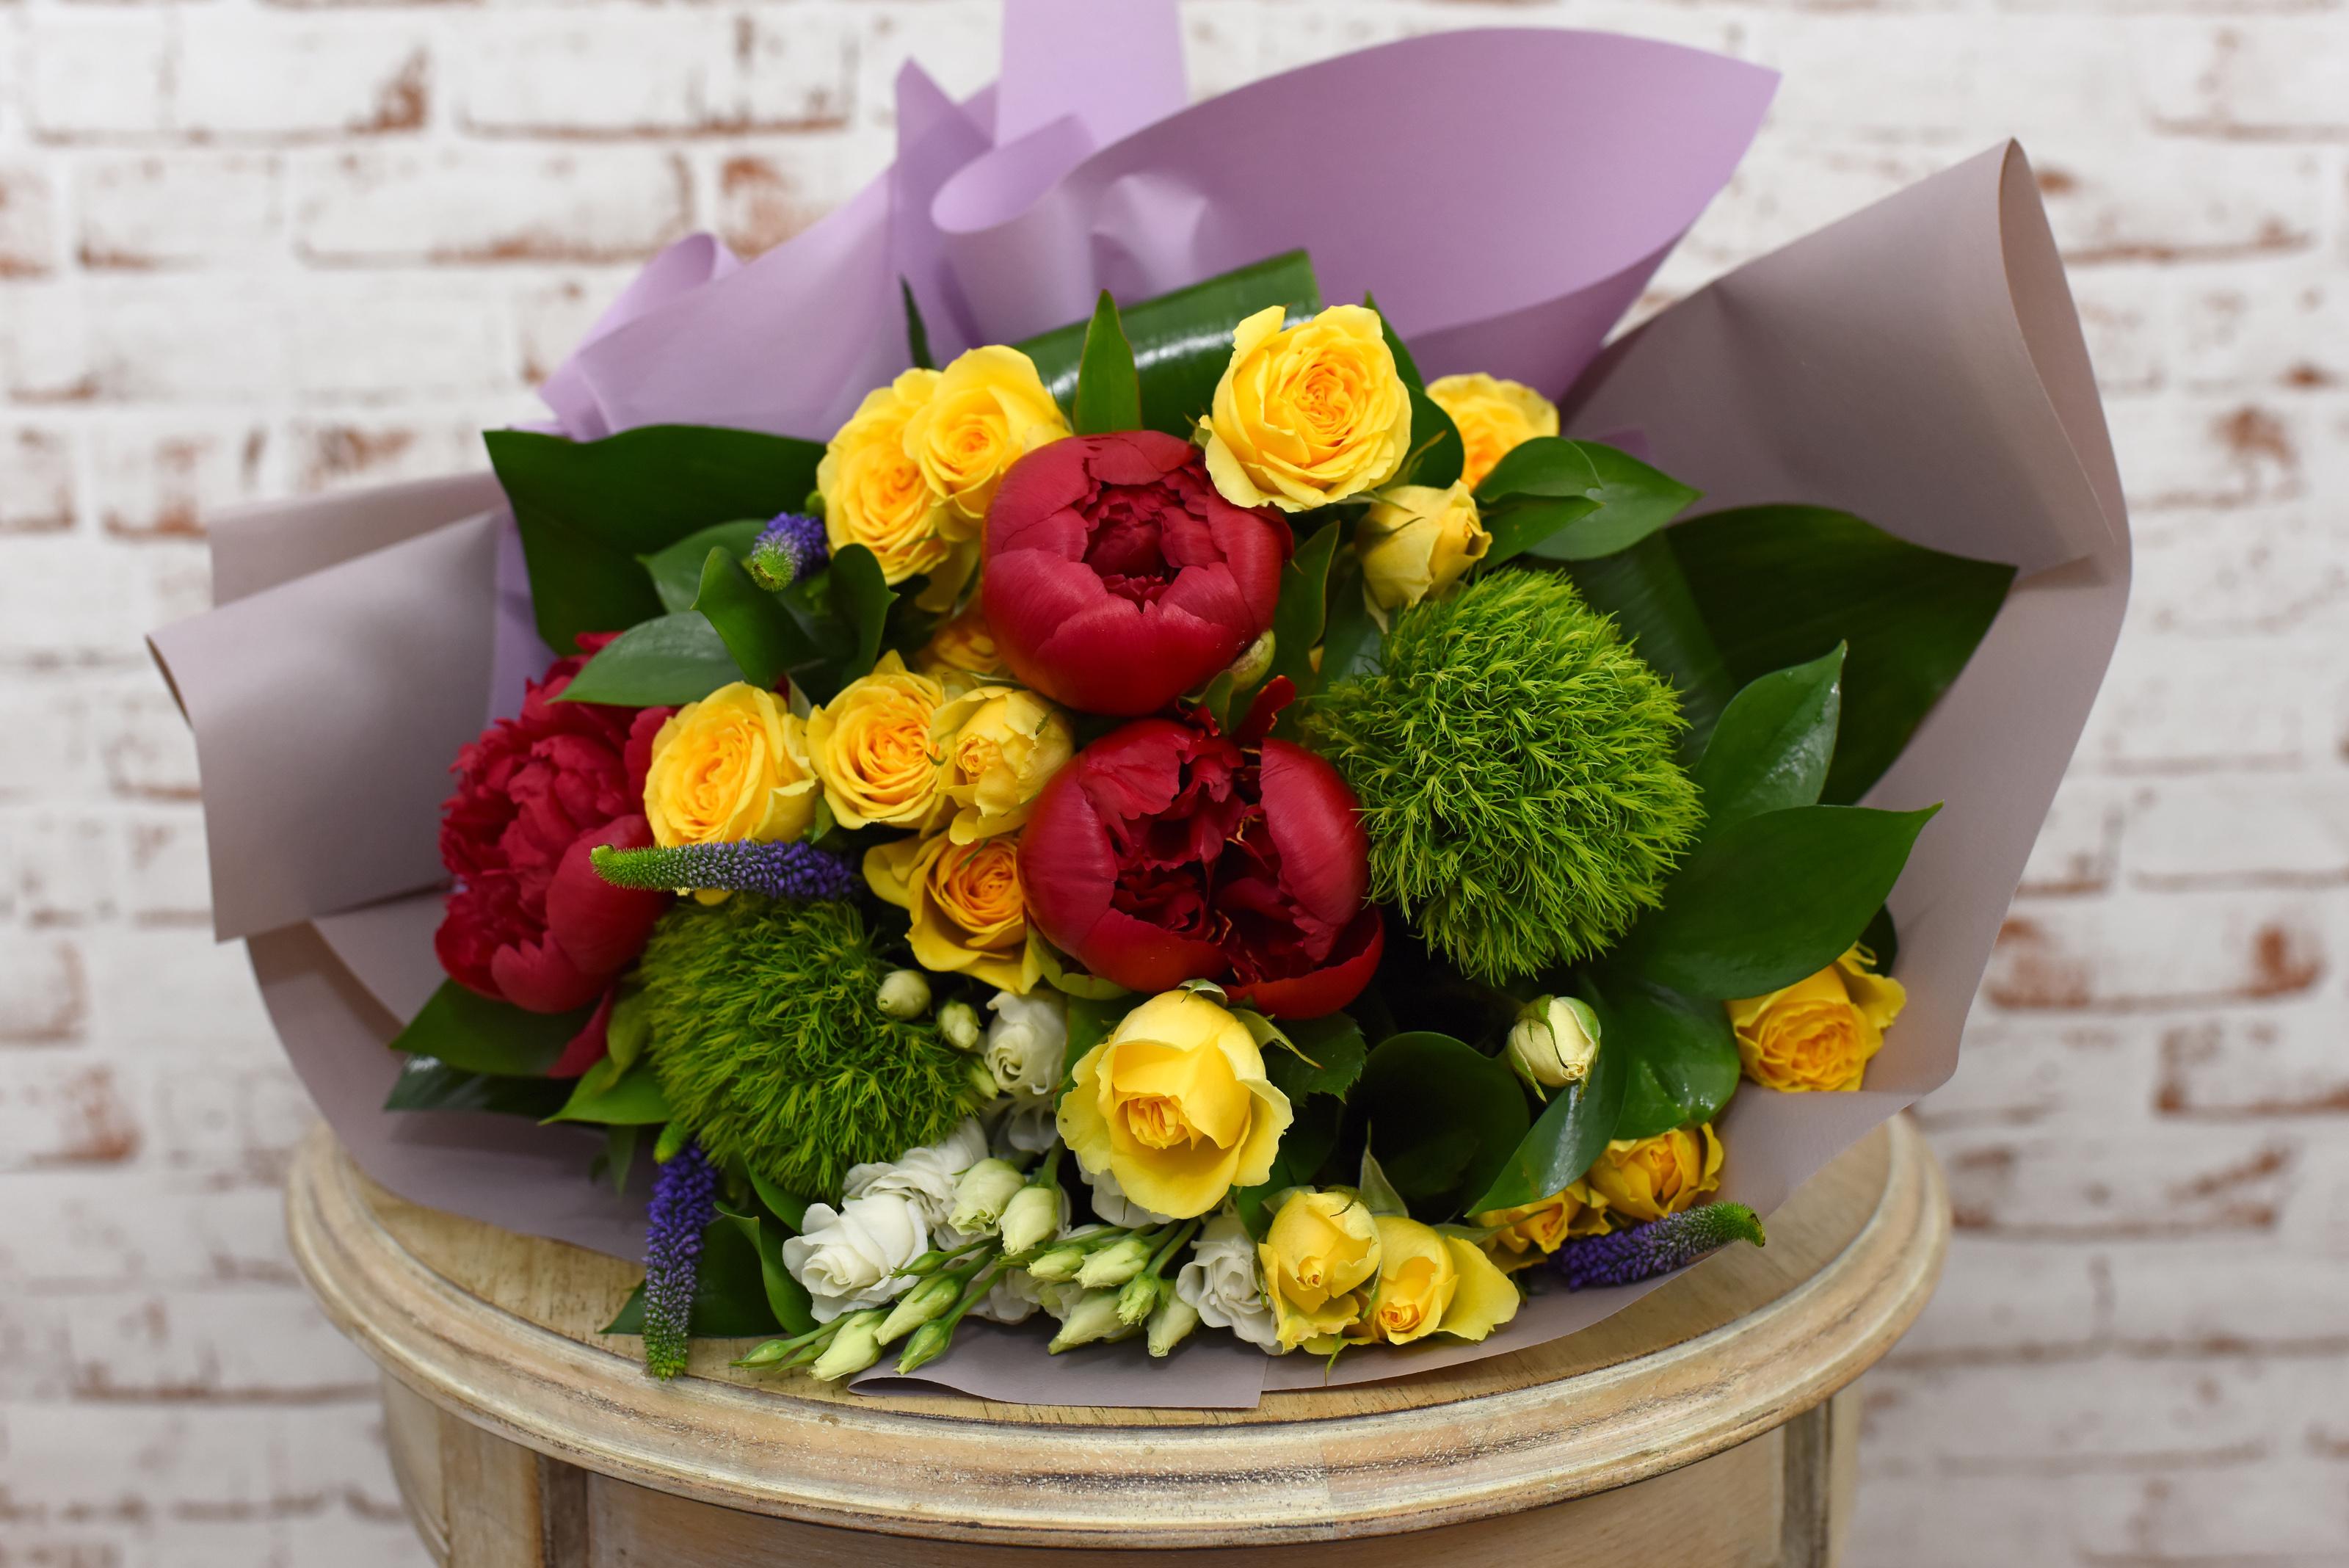 Apeleaza la serviciul de livrare flori in Bucuresti si comanda buchete de bujori!